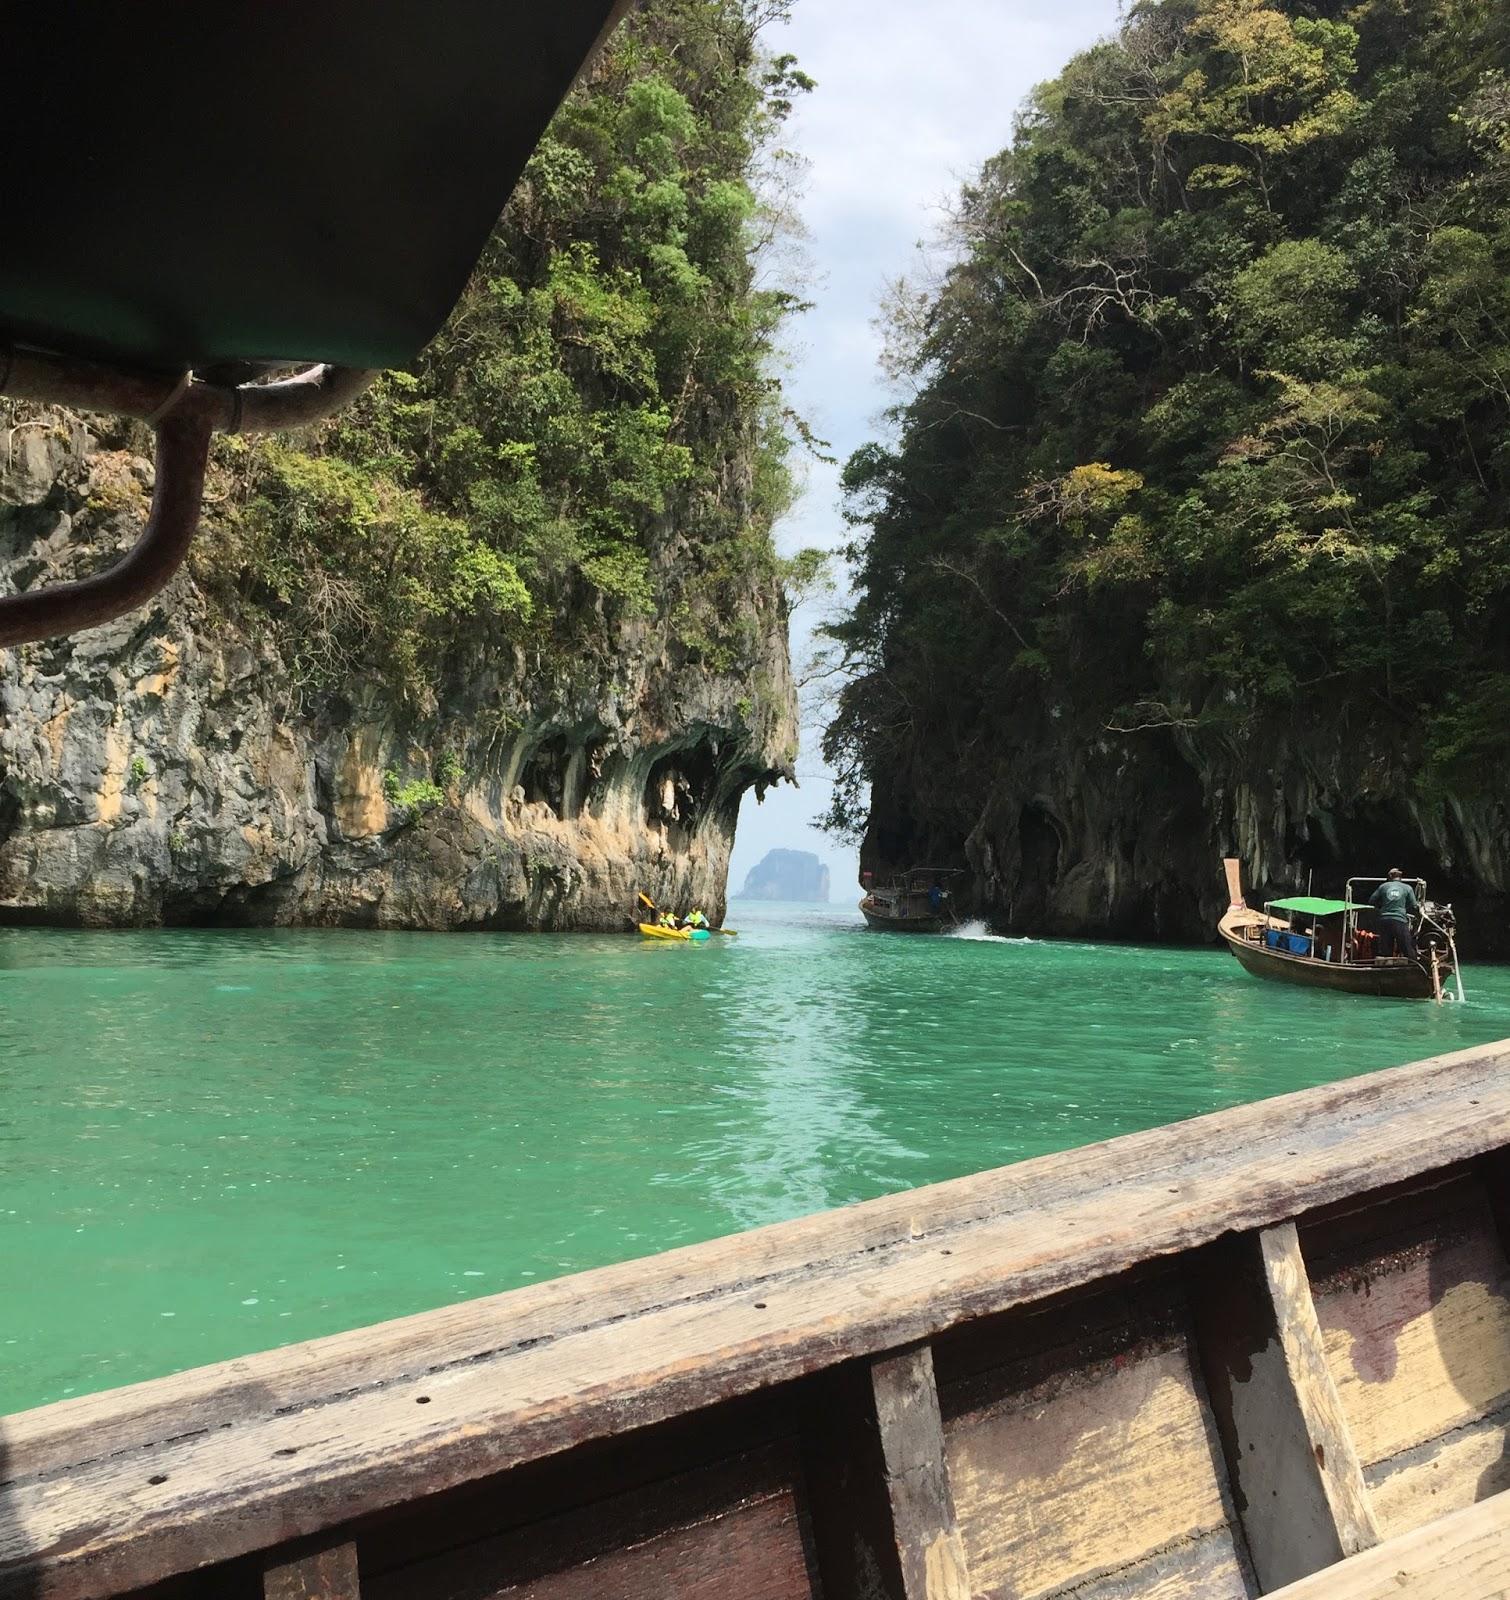 Krabi, holiday in krabi, dovolená krabi, krabi beach, day trip hong island, day trip thailand, bangkok krabi, travel blog, blog travelling, blog cestování, češi v thajsku, češi v zahraničí, češka v zahraničí, češi thajsko, češka thajsko, expats thailand, expat blog thailand, travel blog thailand, southeast asia blog, holiday blog, Kristýna Vacková, Thajsko, cestování na vlastní pěst, blog o cestování, co v Bangkoku, kam v bangkoku, kam do thasjka, ubytování v thajsku, thajské jídlo, blog o thajsku, kristýna fashionhouse,deštná sezóna thajsko, deštná sezóna, sezóny thajsko, deště thajsko, záplavy thajsko, fashion house, fashion house cz, fashion house blog, thajsko, dovolená v thajsku, thajsko na vlastní pěst, thajsko bez cestovky, rady do thajska, blog o thajsku, blog o životě v thajsku, blog o cestování, co navštívit v Bangkoku, dovolená v Bangkoku, ubytování v bangkoku,Thajské království, Thajsko, dovolená v Thajsku, Thajsko na vlastní pěst, thajsko bez cestovky, letenky do thajska, kam v Bangkoku, ubytování v Bangkoku, nákupy v bangkoku, modelka, modelka na střeše, mrakodrap, fashionhouse, fashion house, fashion house blog, češka žijící v zahraničí, češka žijící v Thajsku, nejlepší blog cestování, cestovní deník online, český blog, zajímavý český blog, blog o cestování, blog o thajsku, lifestyle český blog, módní blog, fashion český blog, rooftop, kam v thajsku, průvodce po thajsku, thajská pláž, thajská vlajka, blog o cestování, blog o cestování po thajsku, cestování po thajsku, dovolená v thajsku, pattaya, pattaya dovolená, cestování bez cestovky, thajsko bez cestovky, thajsko na vlastní pěst, pláž v thajsku, pláž pattaya, pláž v pattaye,Thajsko, pláž v thajsku, dovolená v thajsku, dovolená phuket, maya beach, pláž z filmu Pláž, cestování na vlastní pěst, cestování bez cestovky, thajsko bez cestovky, ráj na zemi, pláž, thajská pláž, kam na dovolenou, maya beach, pláž maya beach, pláž phuket, kde nakoupit thajské peníze, čím se platí v thajsku, můžu v thajsku pl